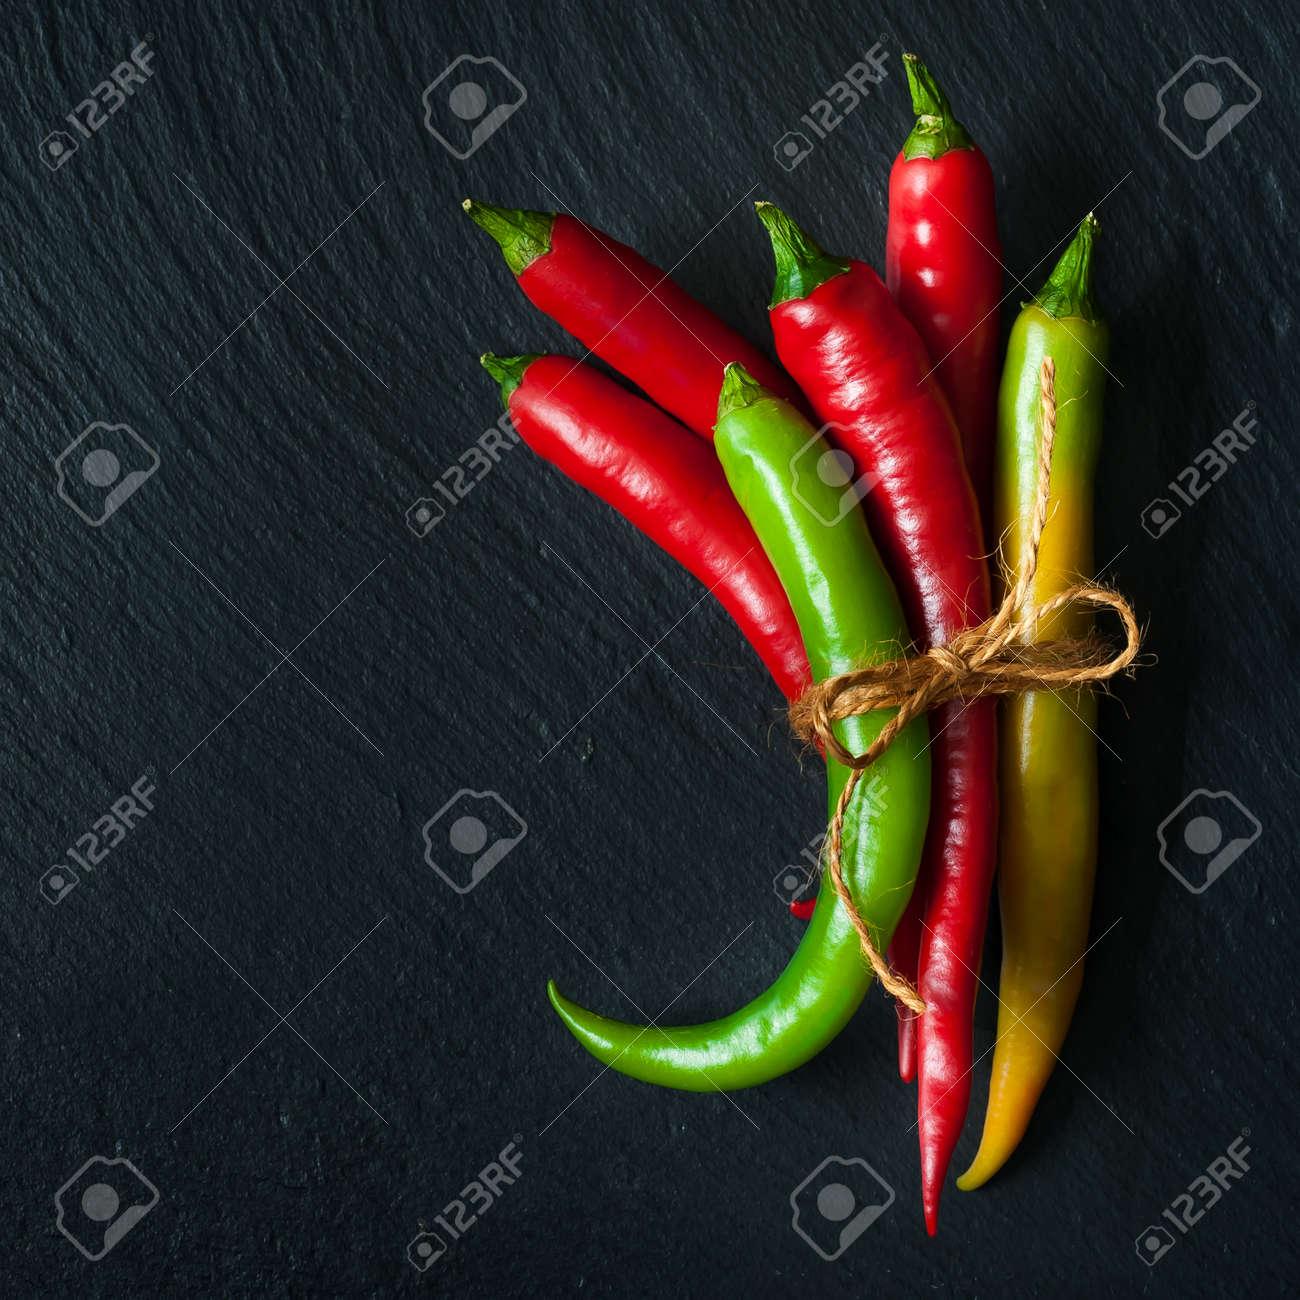 Hot chili pepper on a slate chalkboard - 22738304